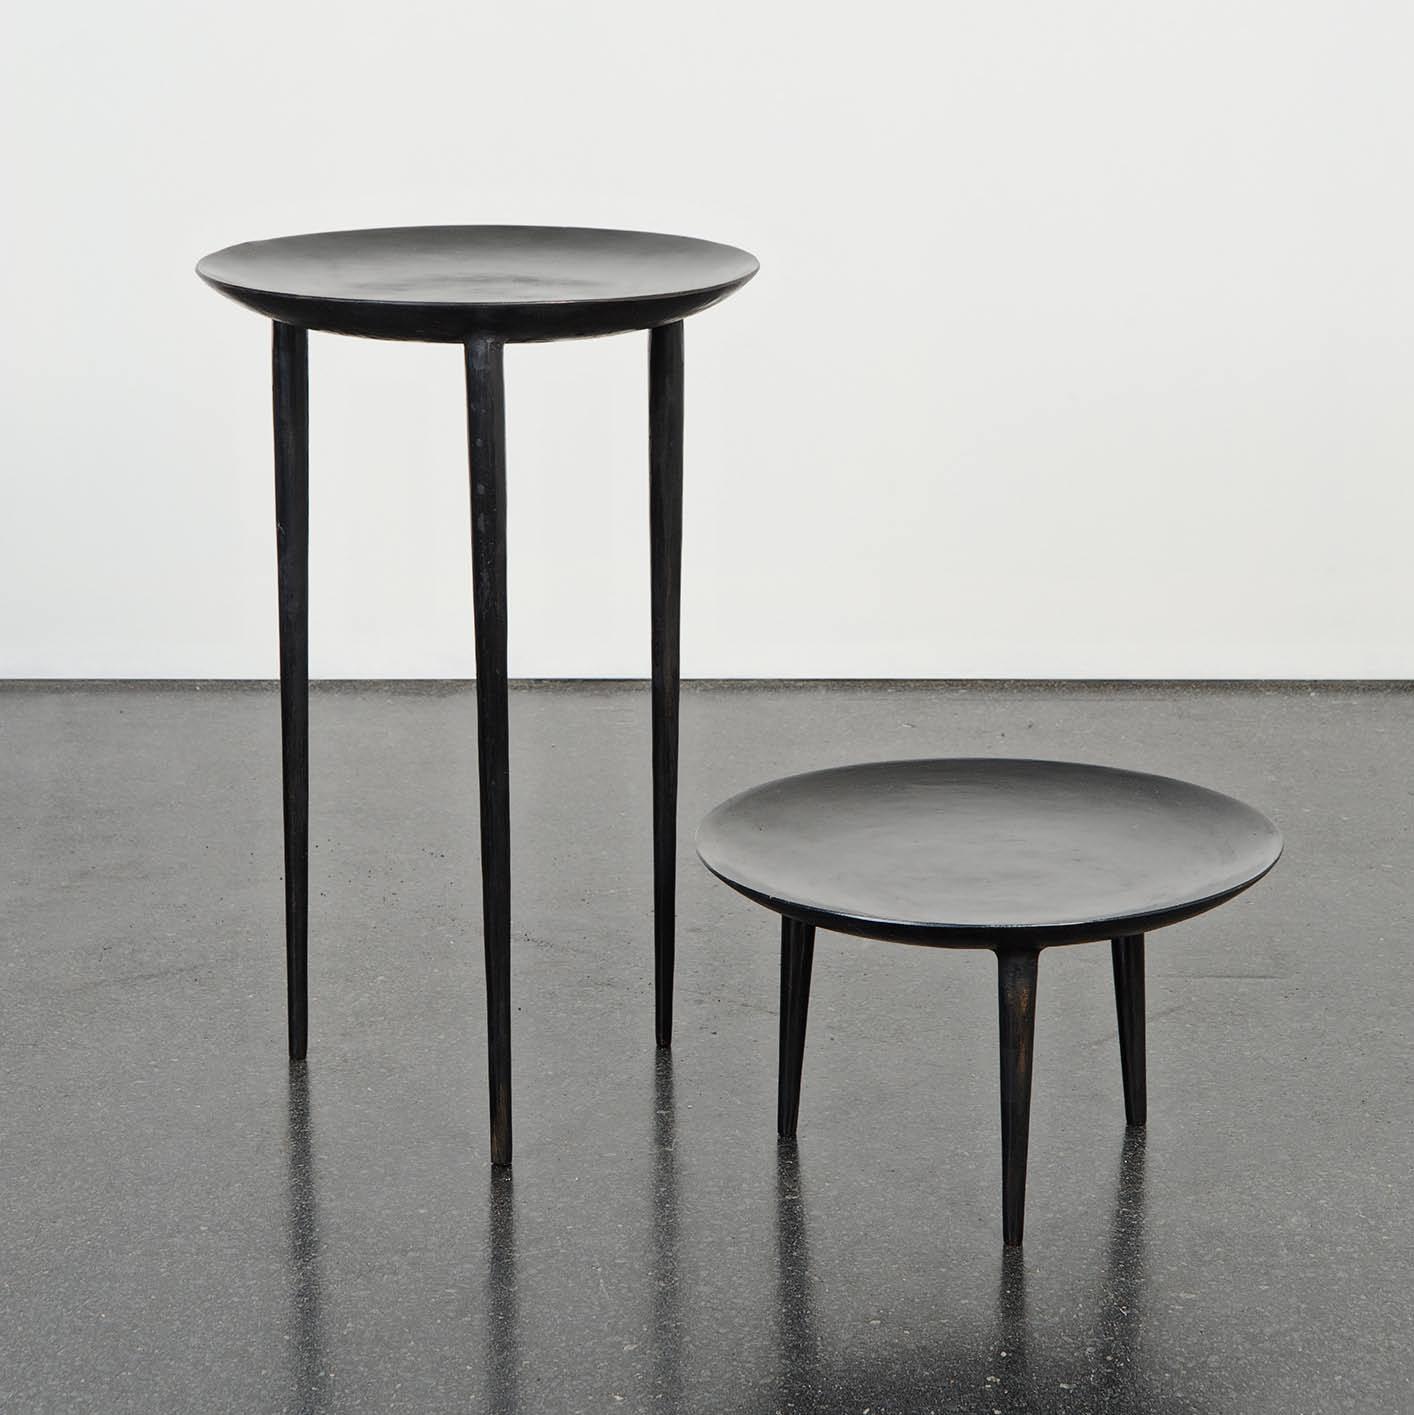 rick owens michele lamy make furniture life together. Black Bedroom Furniture Sets. Home Design Ideas